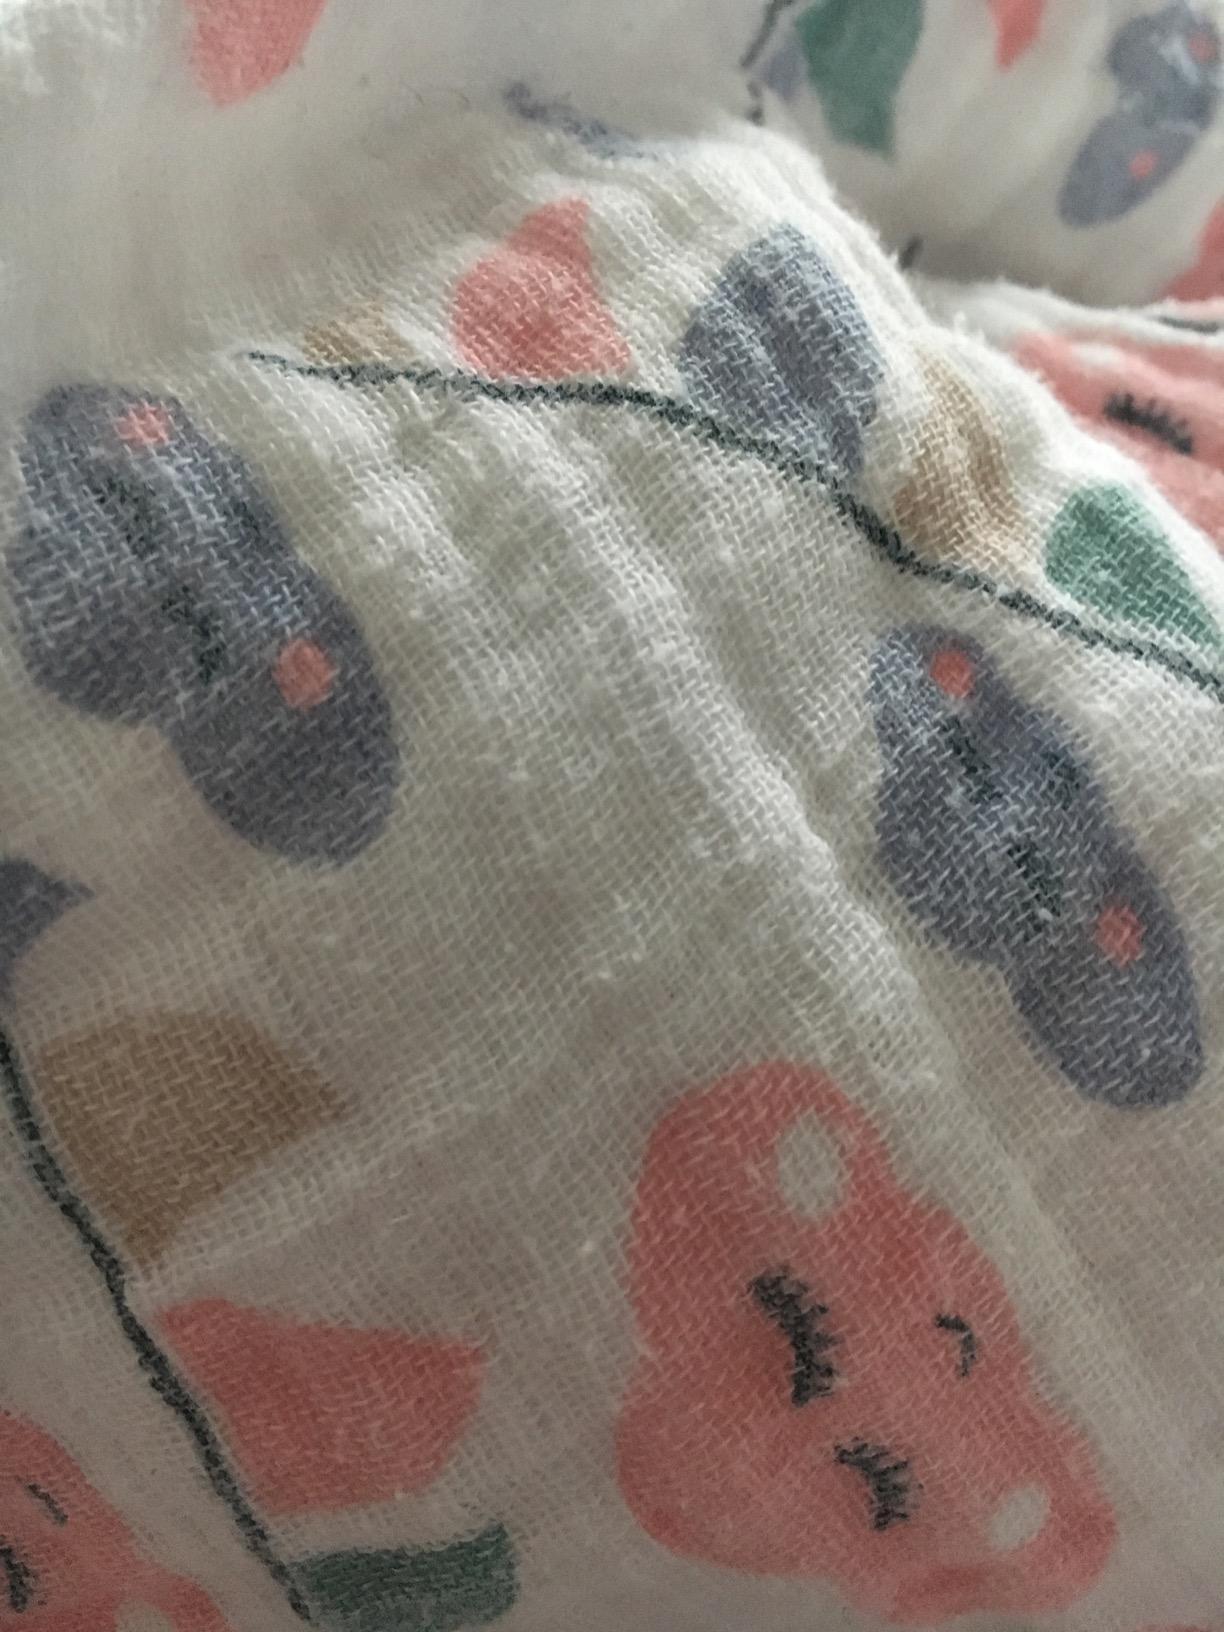 Erstlingsdecke Kinderwagendecke 100/% Baumwolle Emma+Noah Baby Kuscheldecke mit Oeko Tex Siegel ideal als Babydecke Einschlagdecke 4-lagig 120x120 cm gro/ß Kinderdecke Blumen Dunkelblau